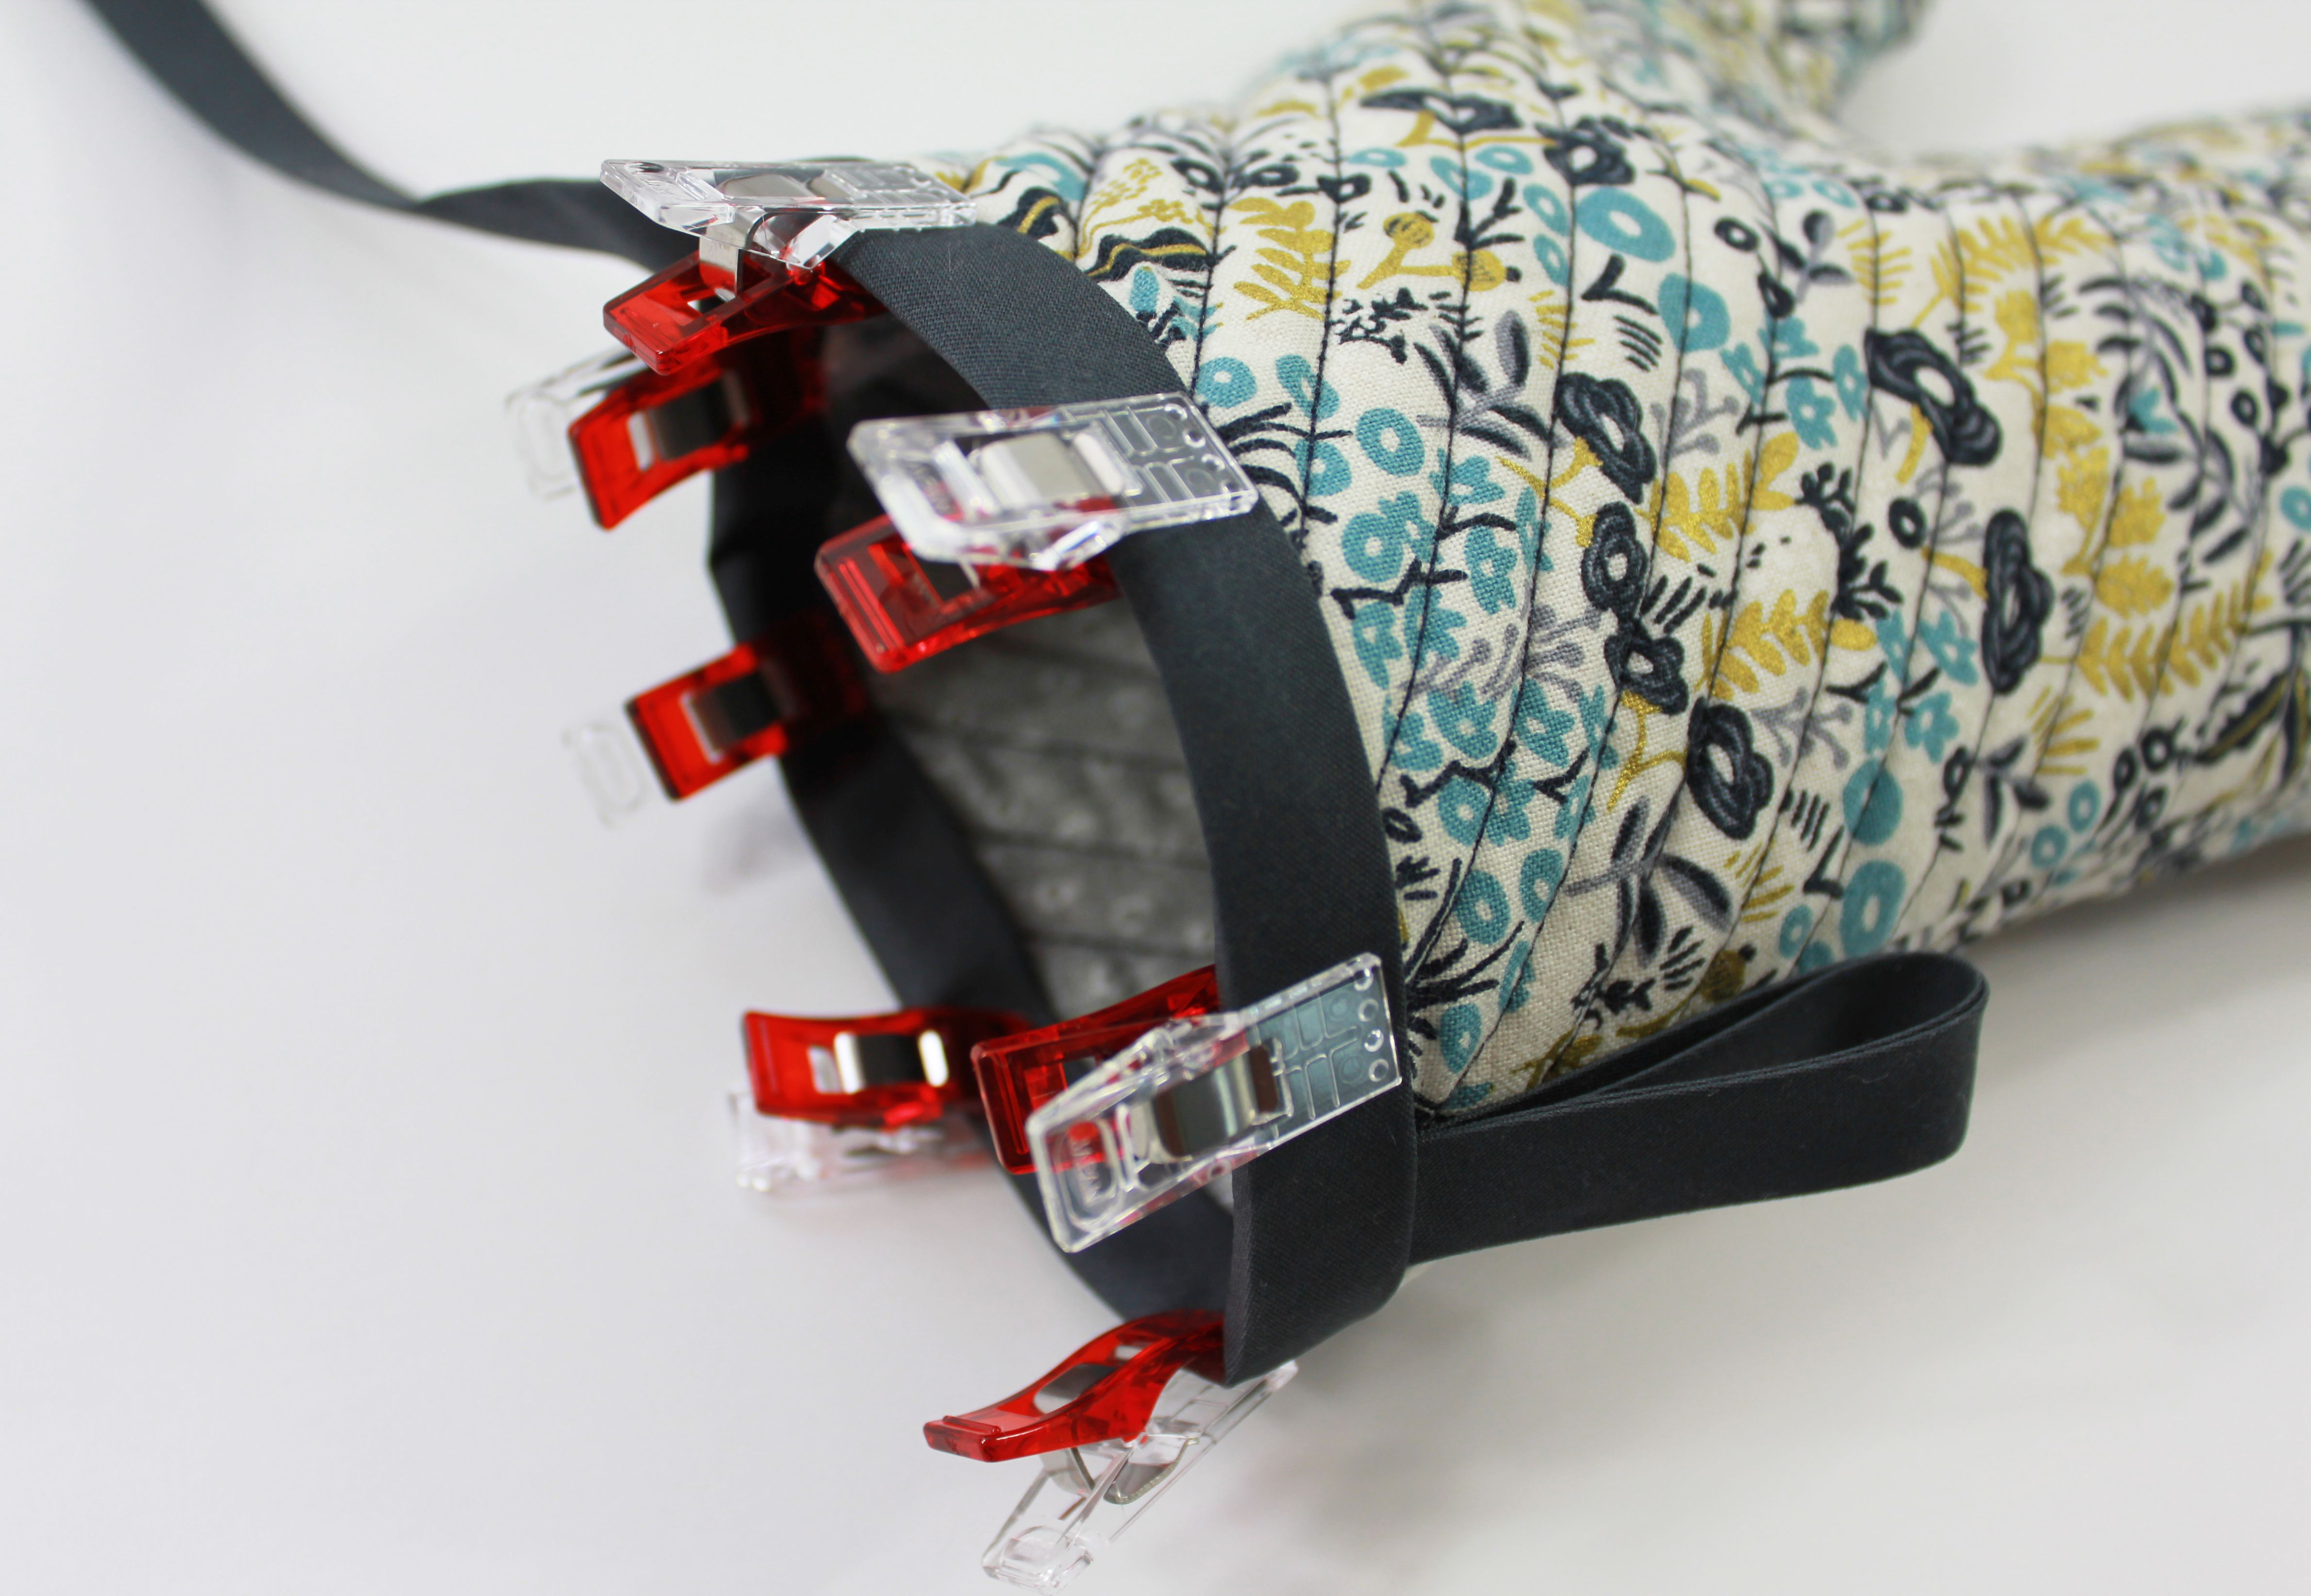 Binding clipped onto an oven mitt